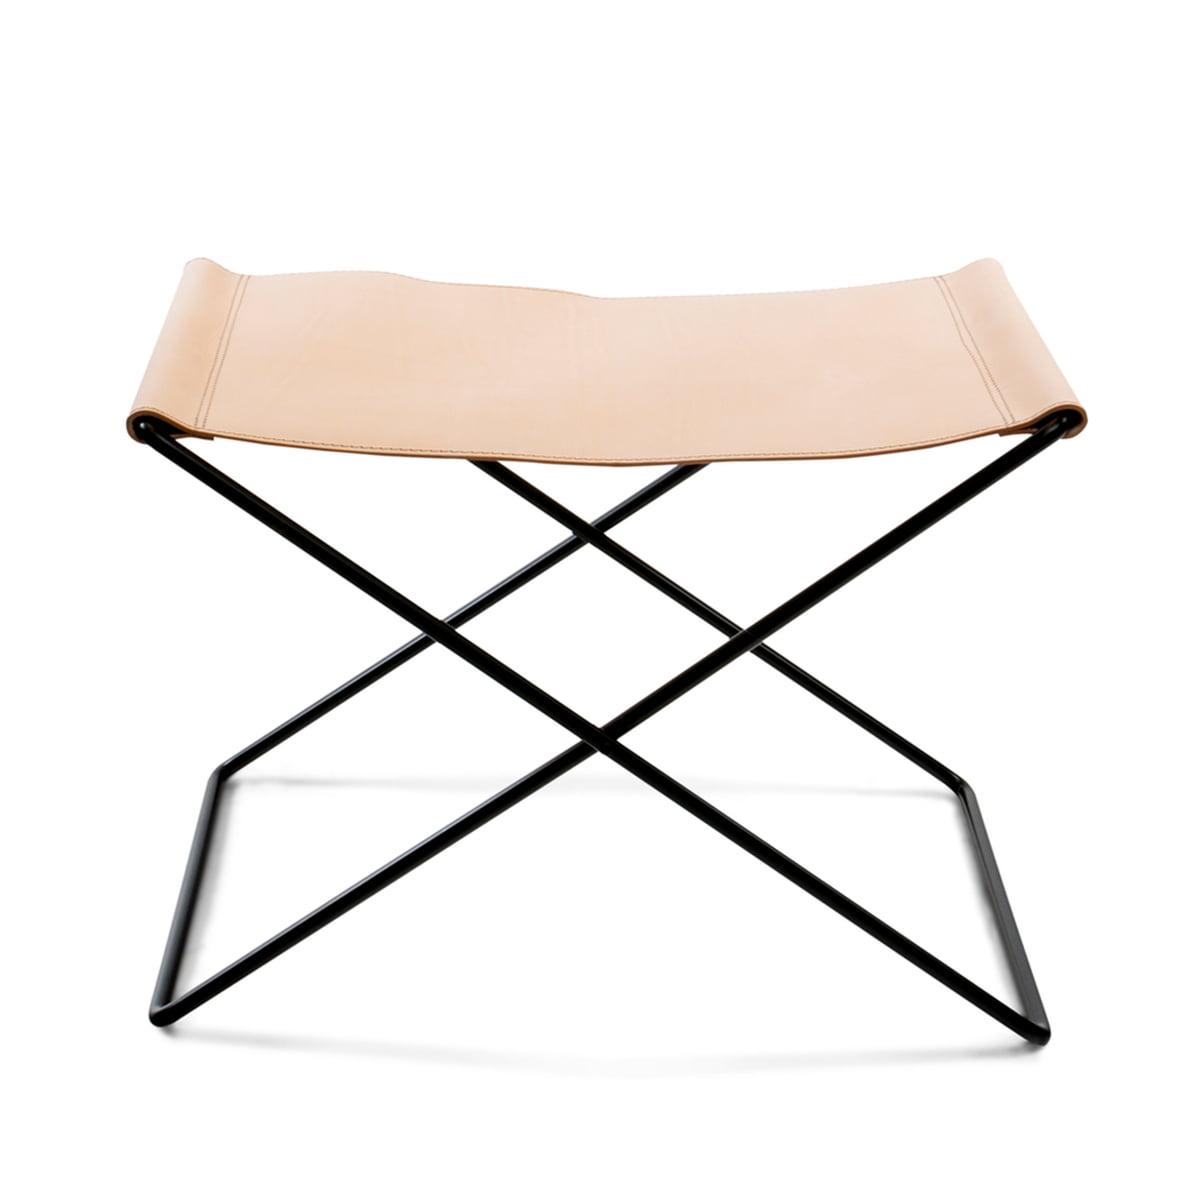 Ox denmarq ox stool stahl pulverbeschichtet schwarz leder natur